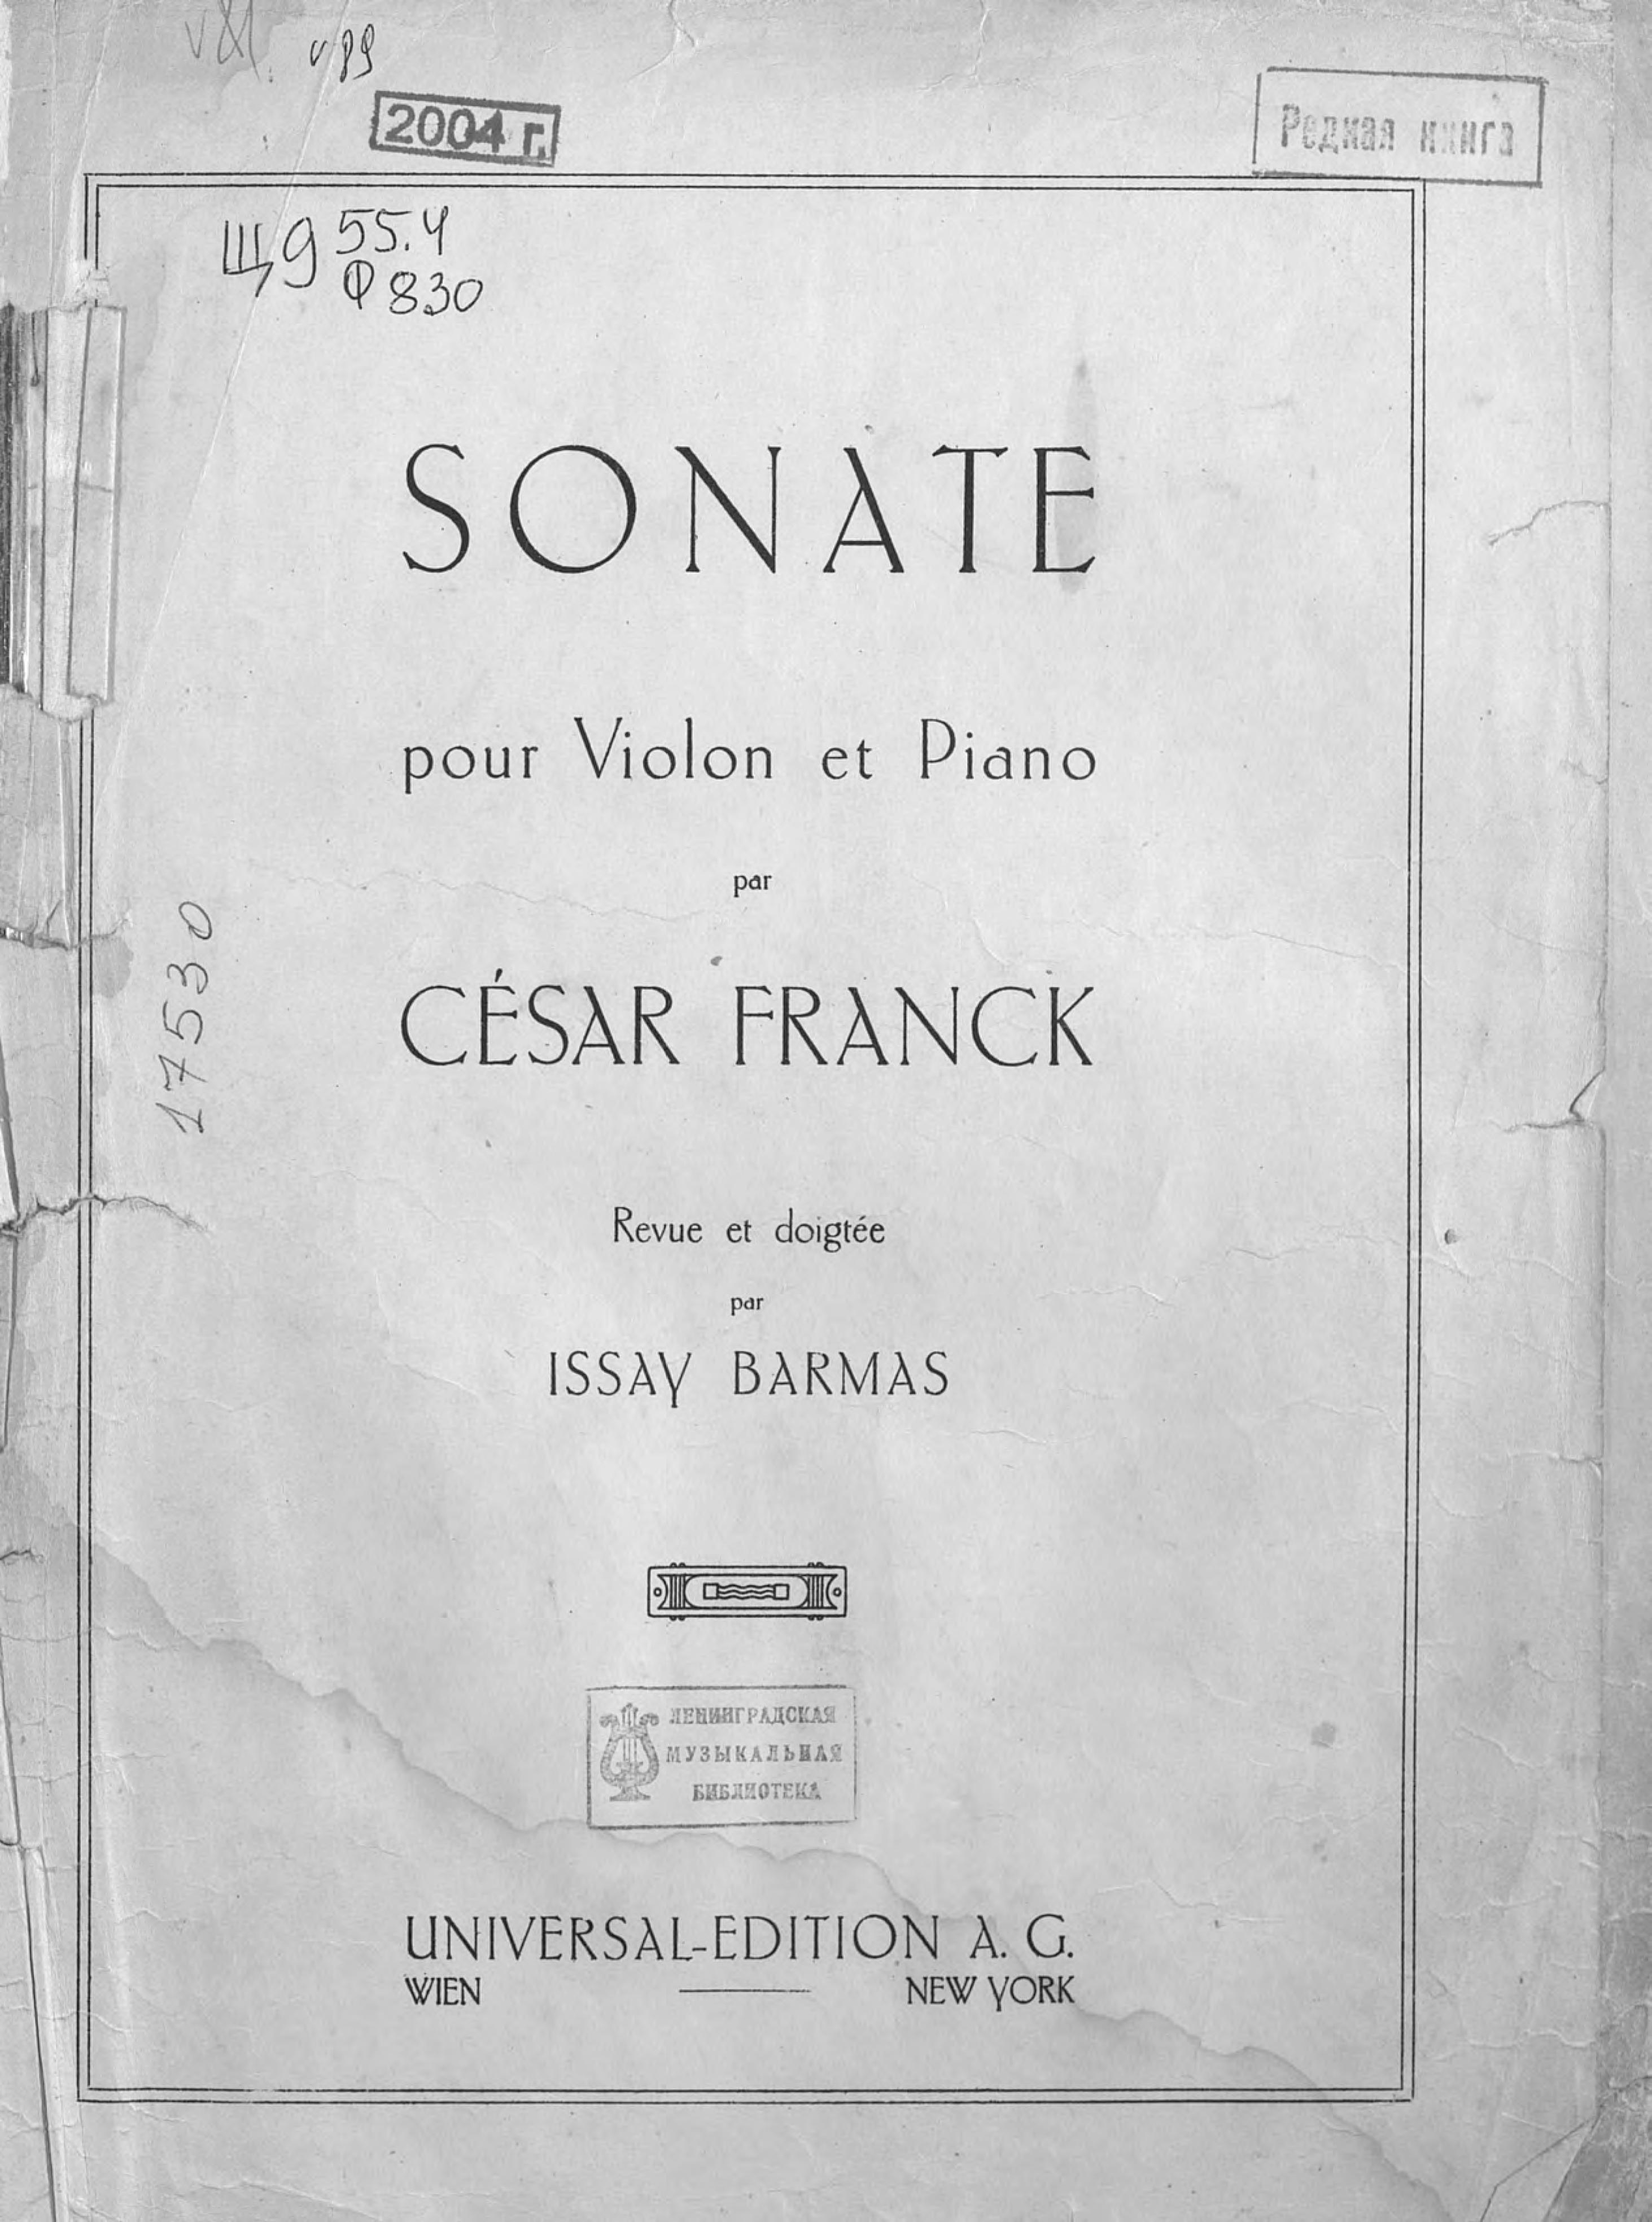 Сезар Франк Sonate pour Violon et Piano